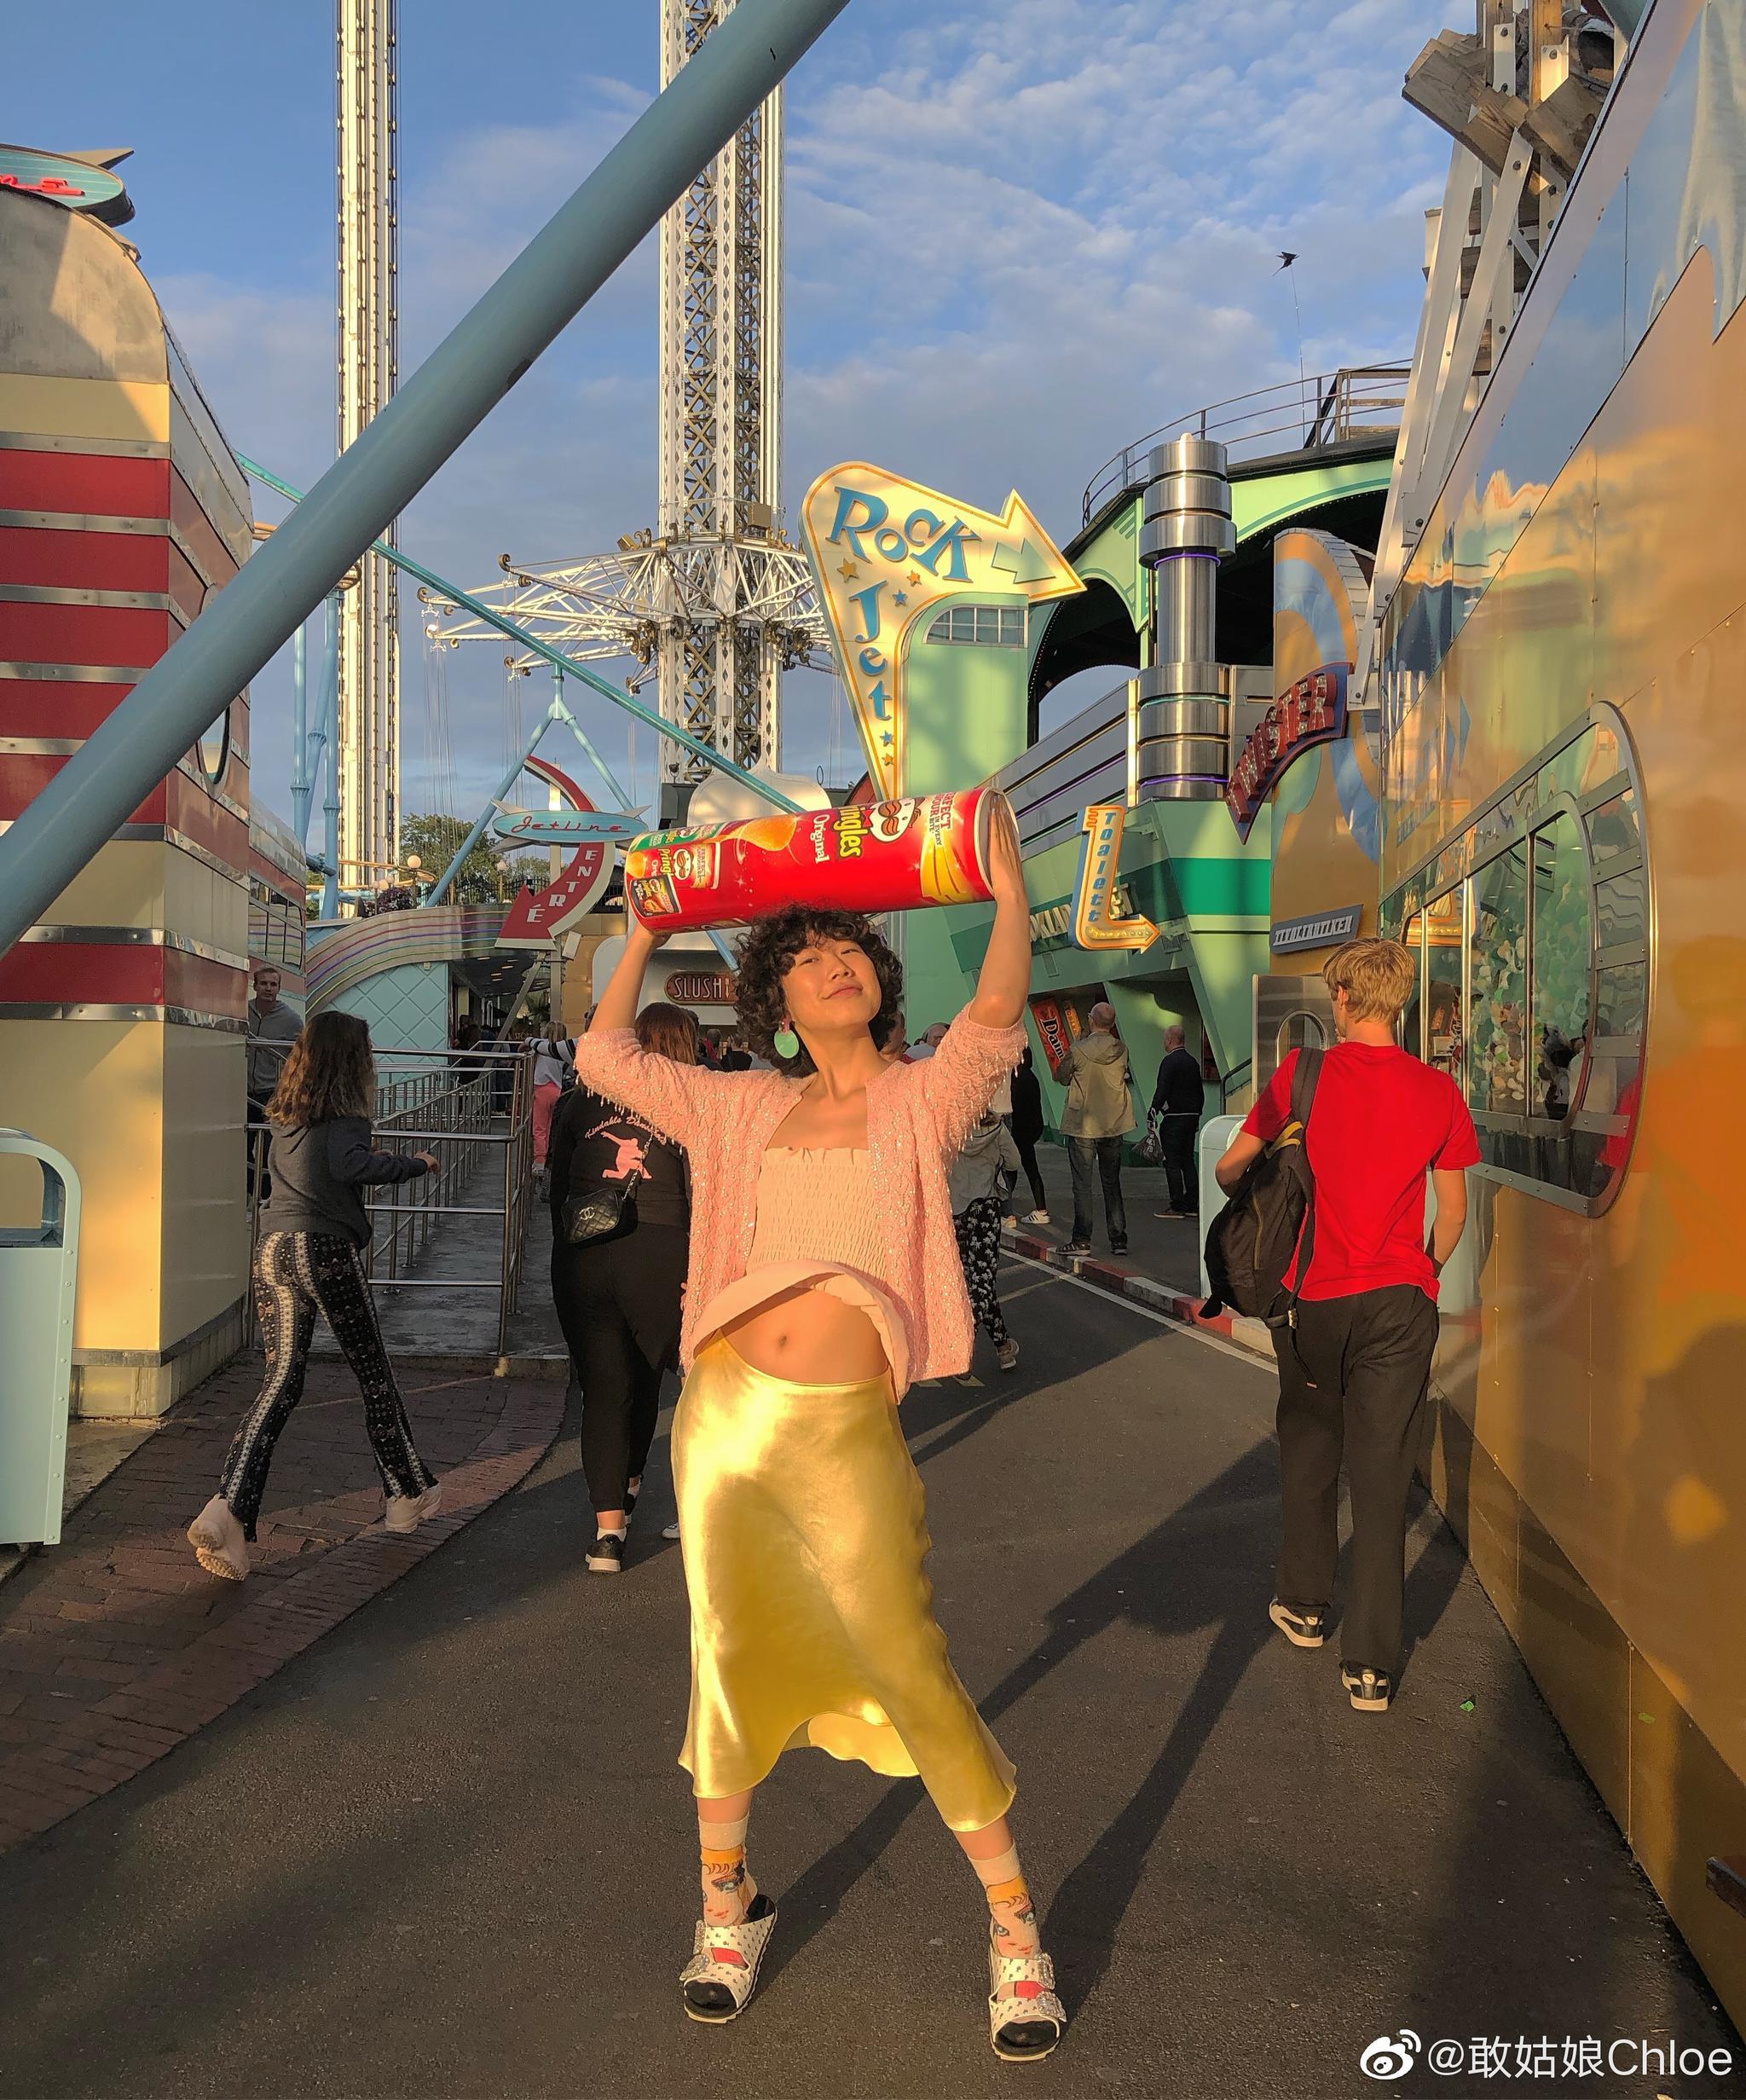 这次来斯德哥尔摩的游乐园终于赢来丰收的喜悦~!